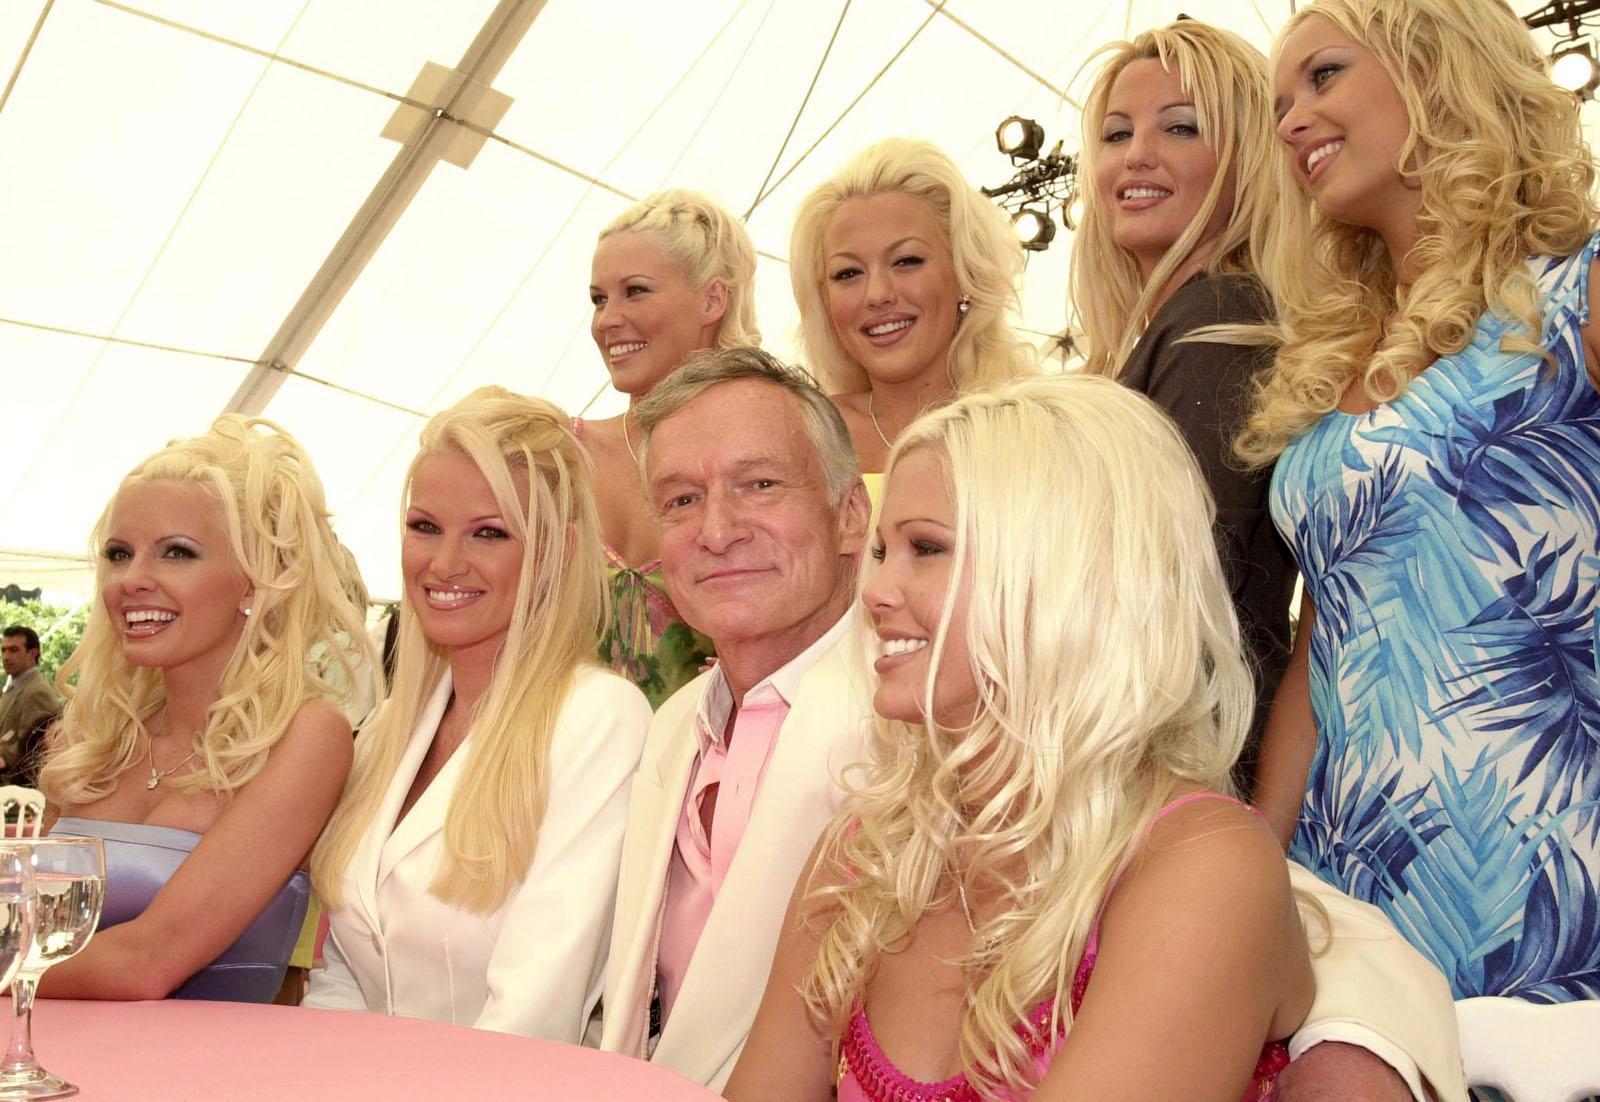 Фото хью хефнера с девушками